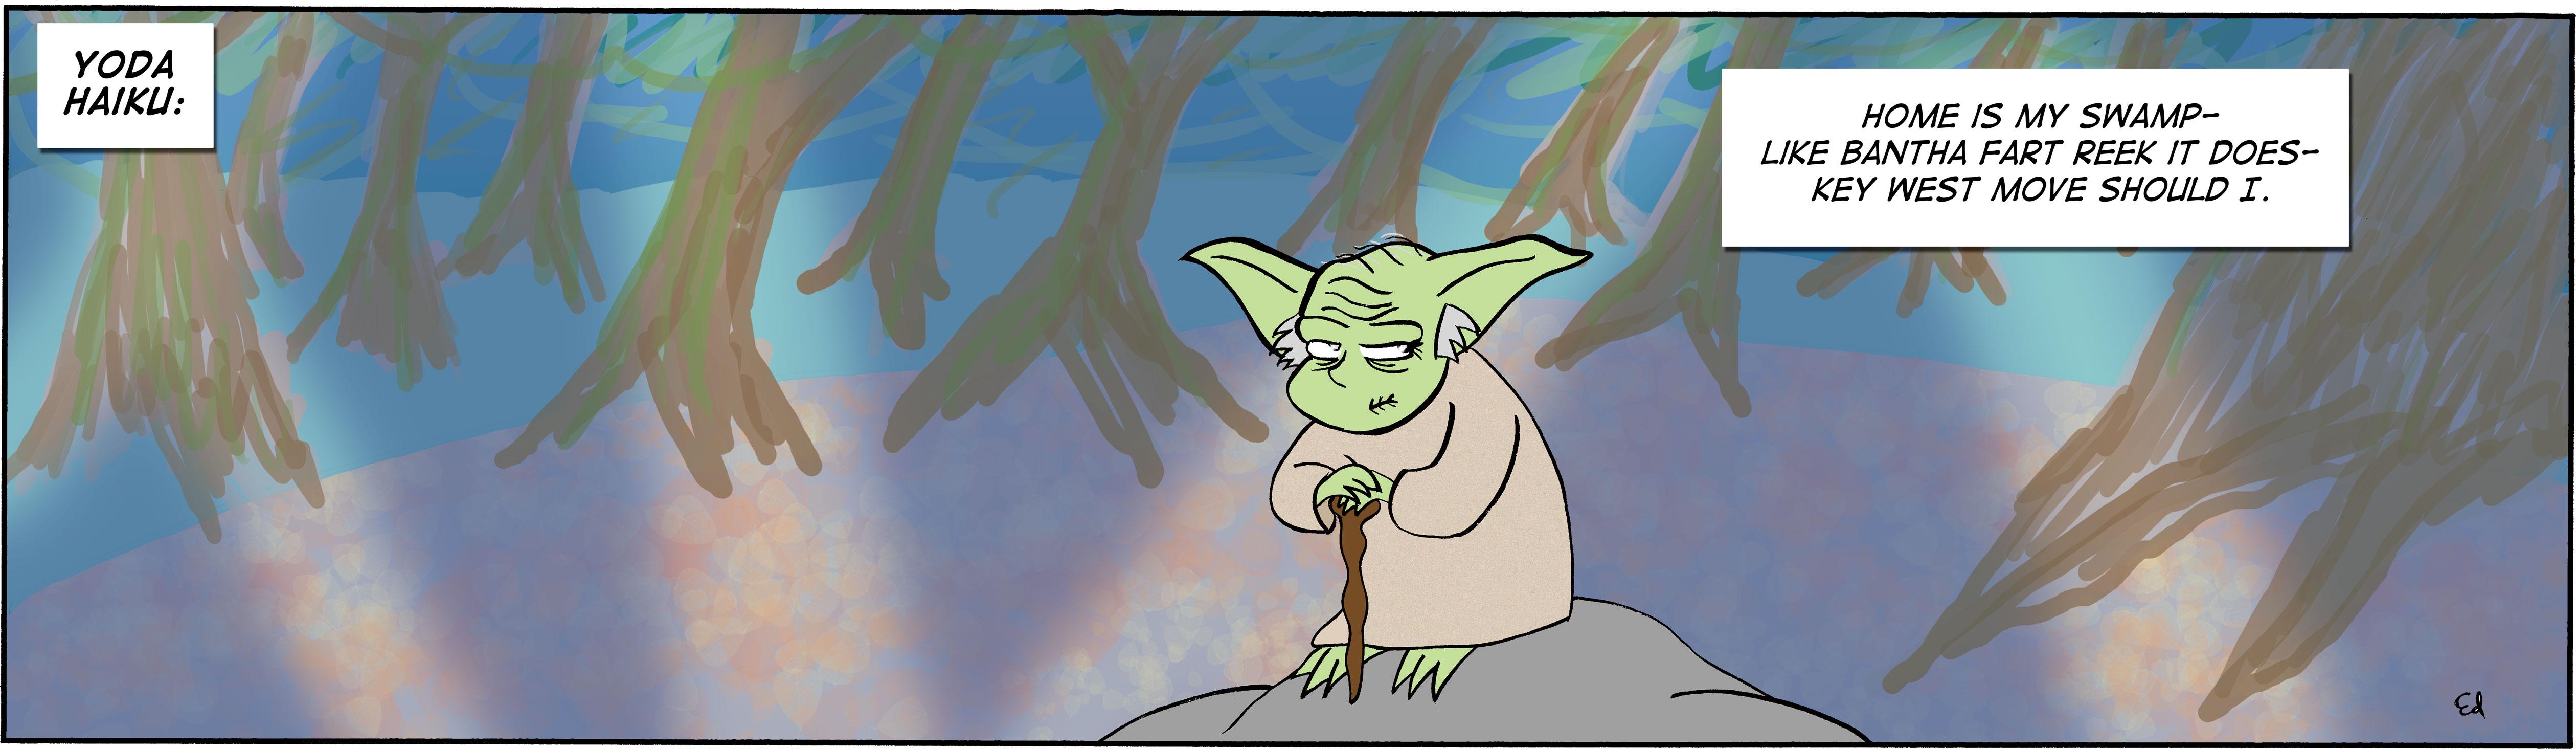 Yoda Haiku